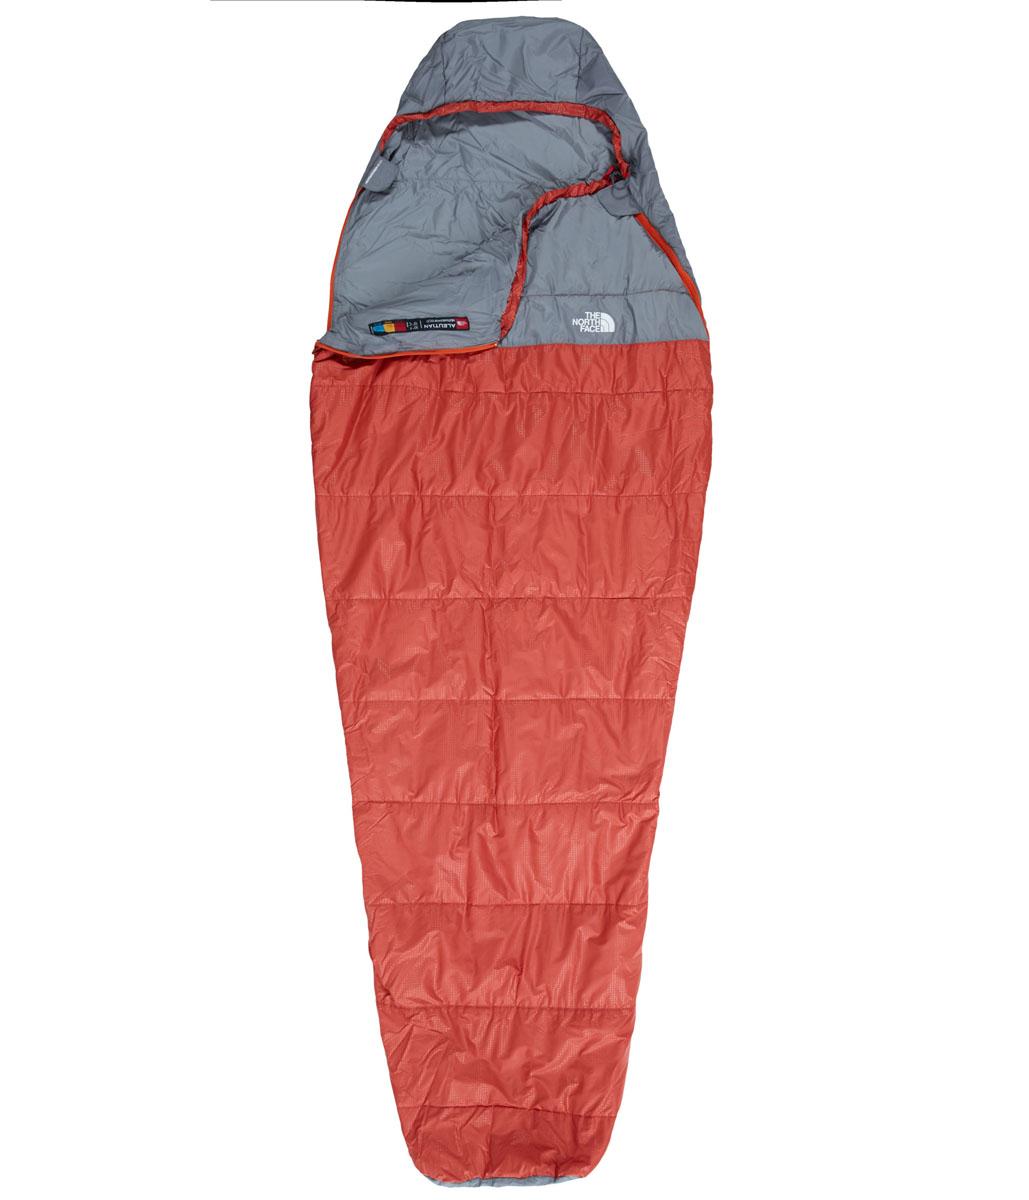 Мешок спальный The North Face Aleutian 50/10, левосторонняя/правосторонняя молния, 77 х 210 см67744Спальный мешок The North Face Aleutian 50/10 -незаменимая вещь для любителей уюта и комфорта во время активного отдыха. Прекрасно подходит для прохладной погоды, его можно целиком расстегнуть и расстелить в качестве пола в палатке. Спальный мешок закрывается на двустороннюю застежку-молнию. Этот спальный мешок очень вместительный, универсальный, теплый, комфортный и при этом практичный. Спальный мешок упакован в удобный чехол для переноски.